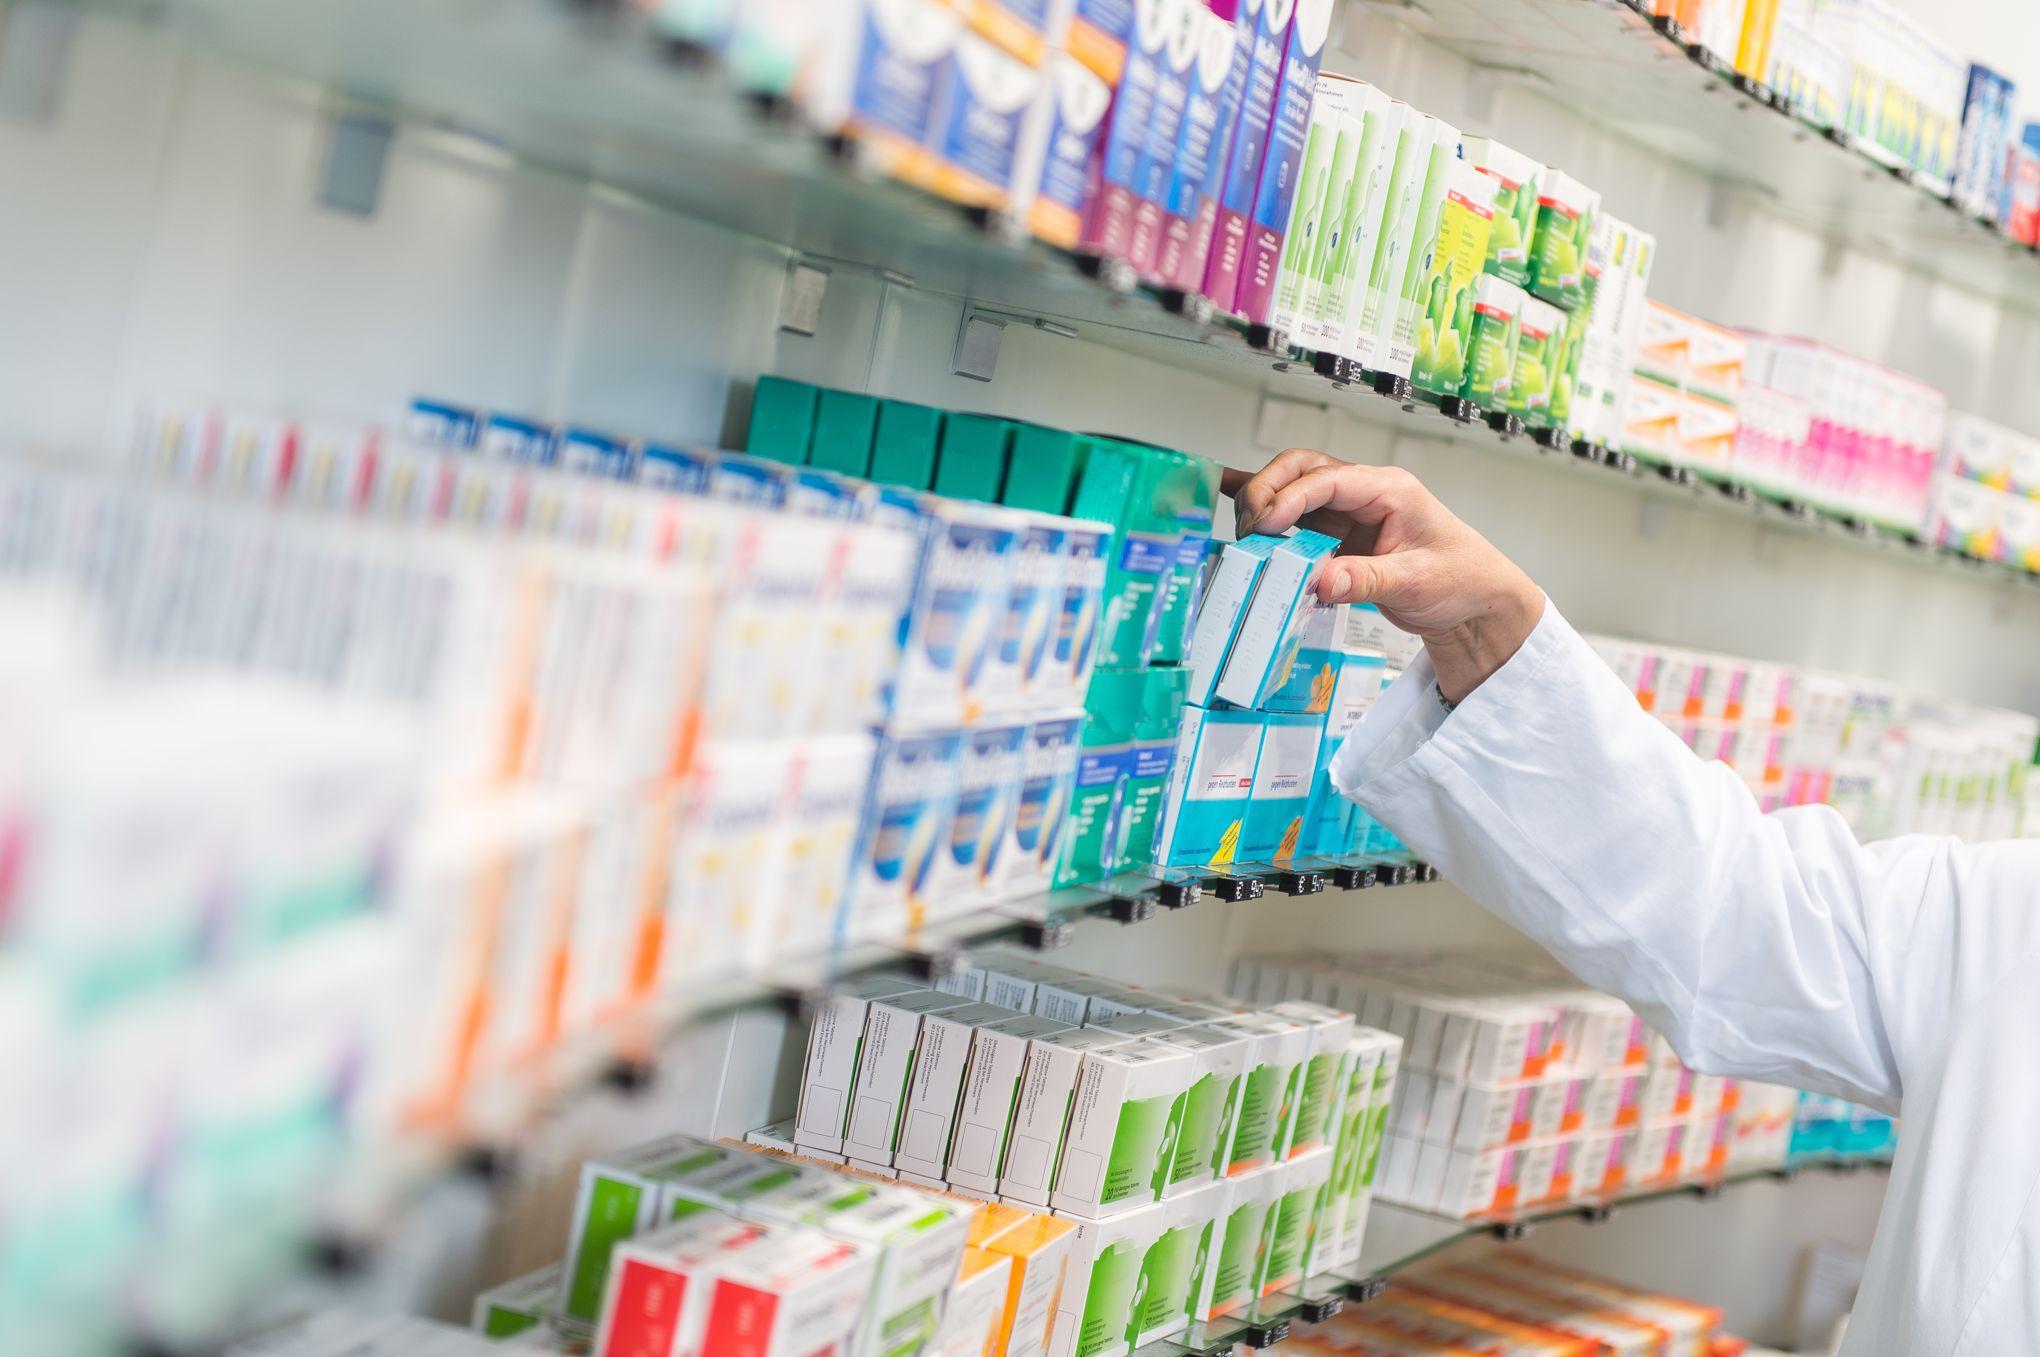 La liste des 105 médicaments à éviter en 2020